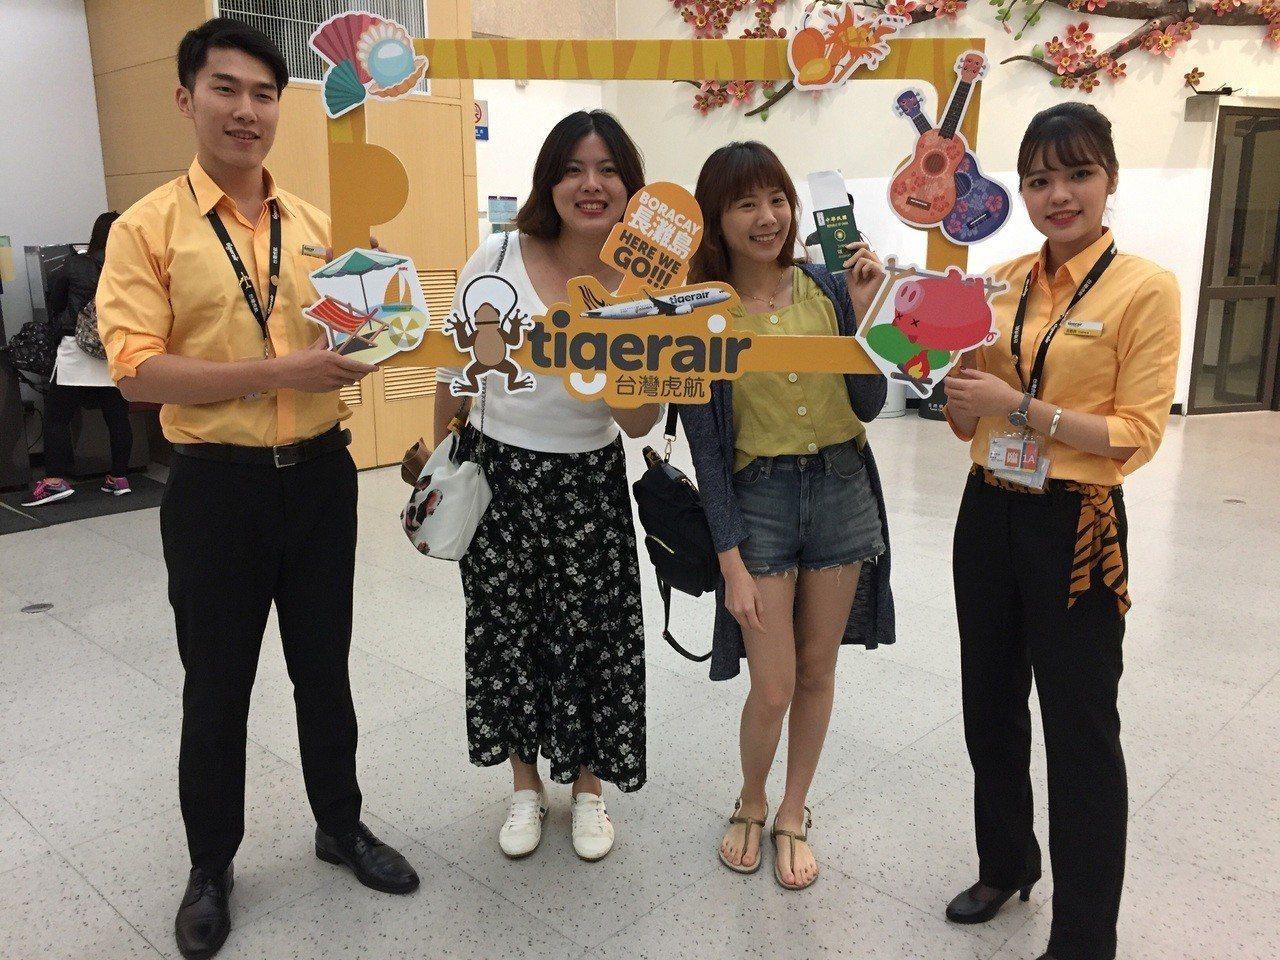 虎妞虎寶與搭乘首航旅客合照。圖/台灣虎航提供